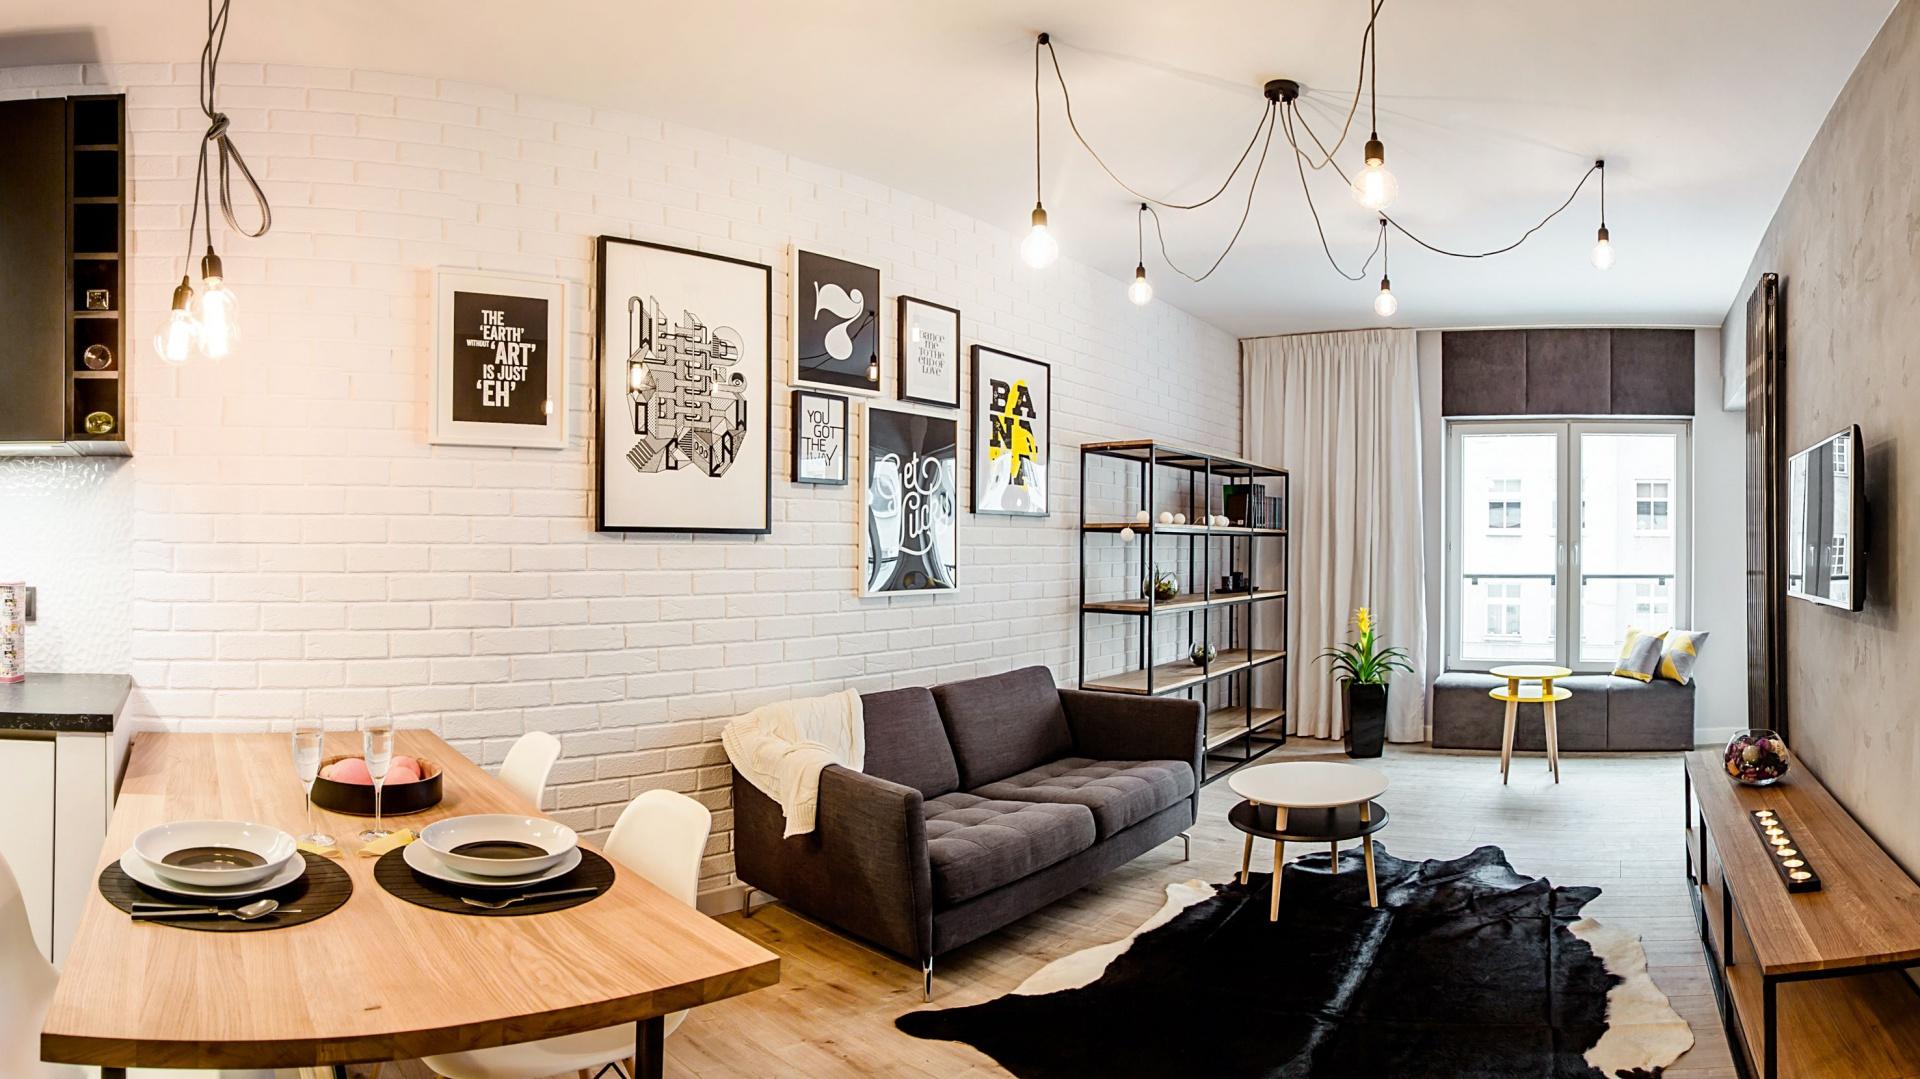 We wnętrzu panuje lekko loftowa stylistyka, której nie obce są jednak inspiracje stylem skandynawskim. Fot. Nowa Papiernia/Anna Kopec